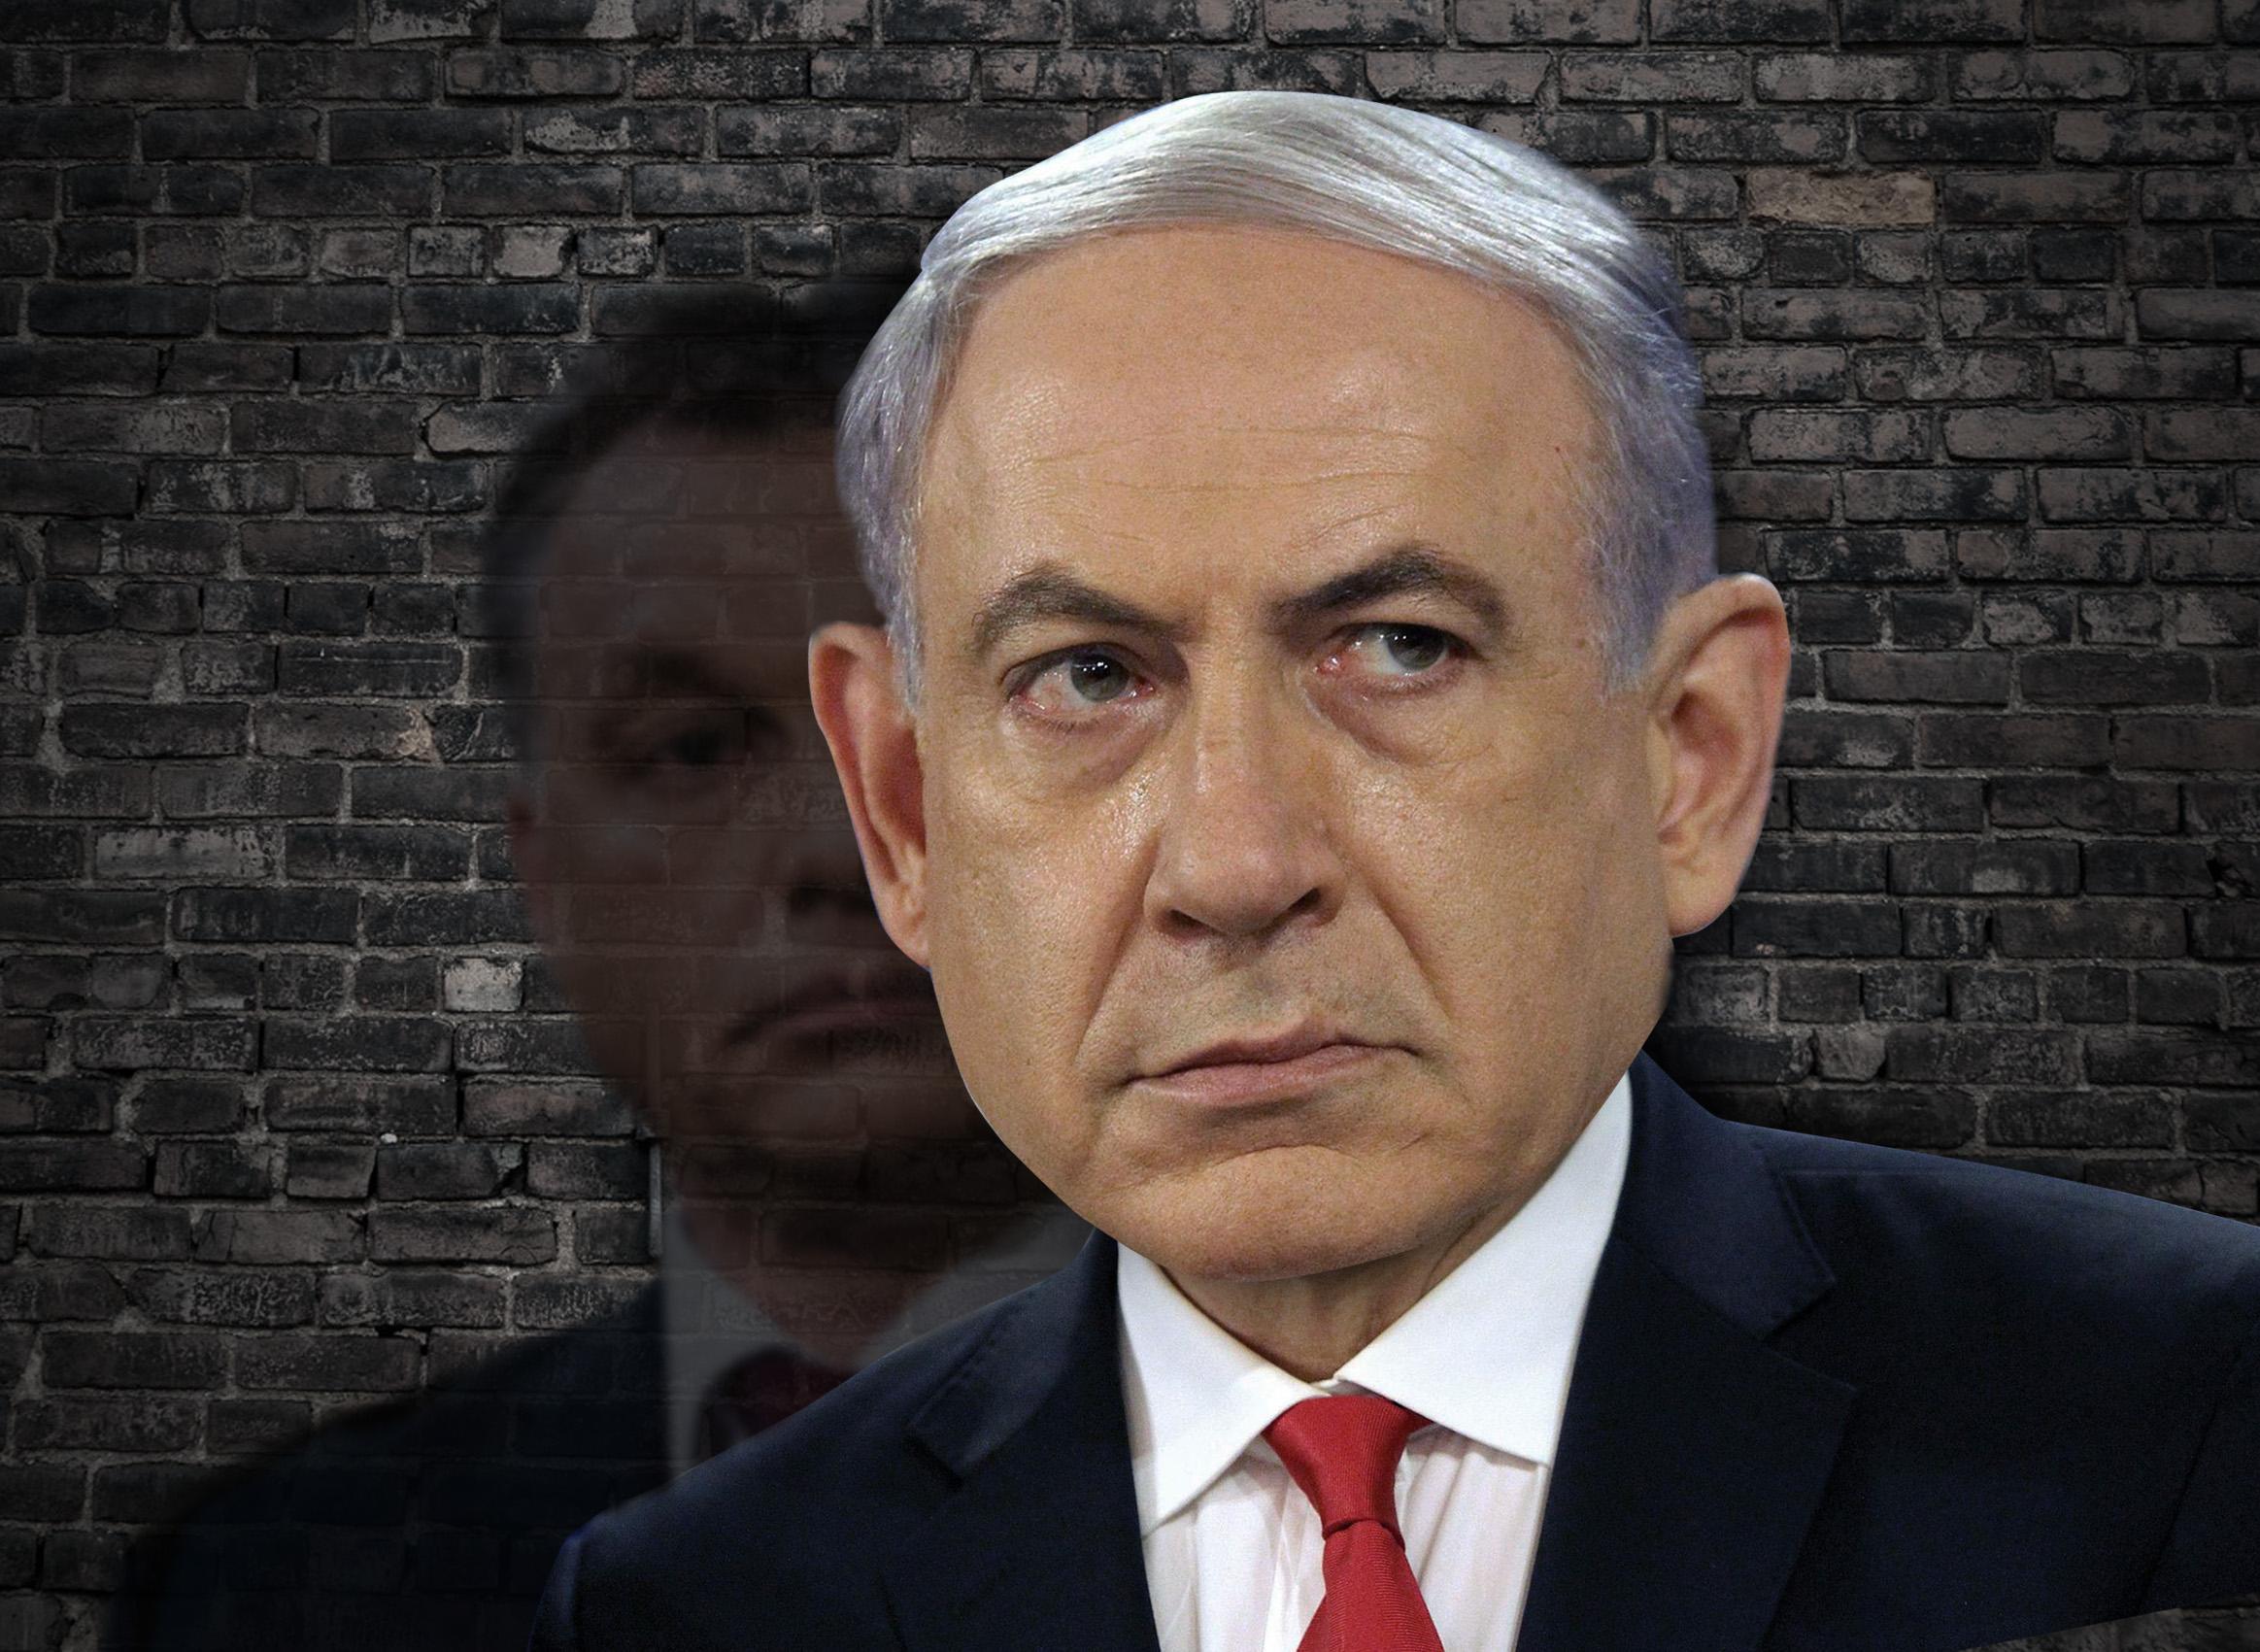 Megdöbbentő hasonlóságok az izraeli miniszterelnök és Orbán között